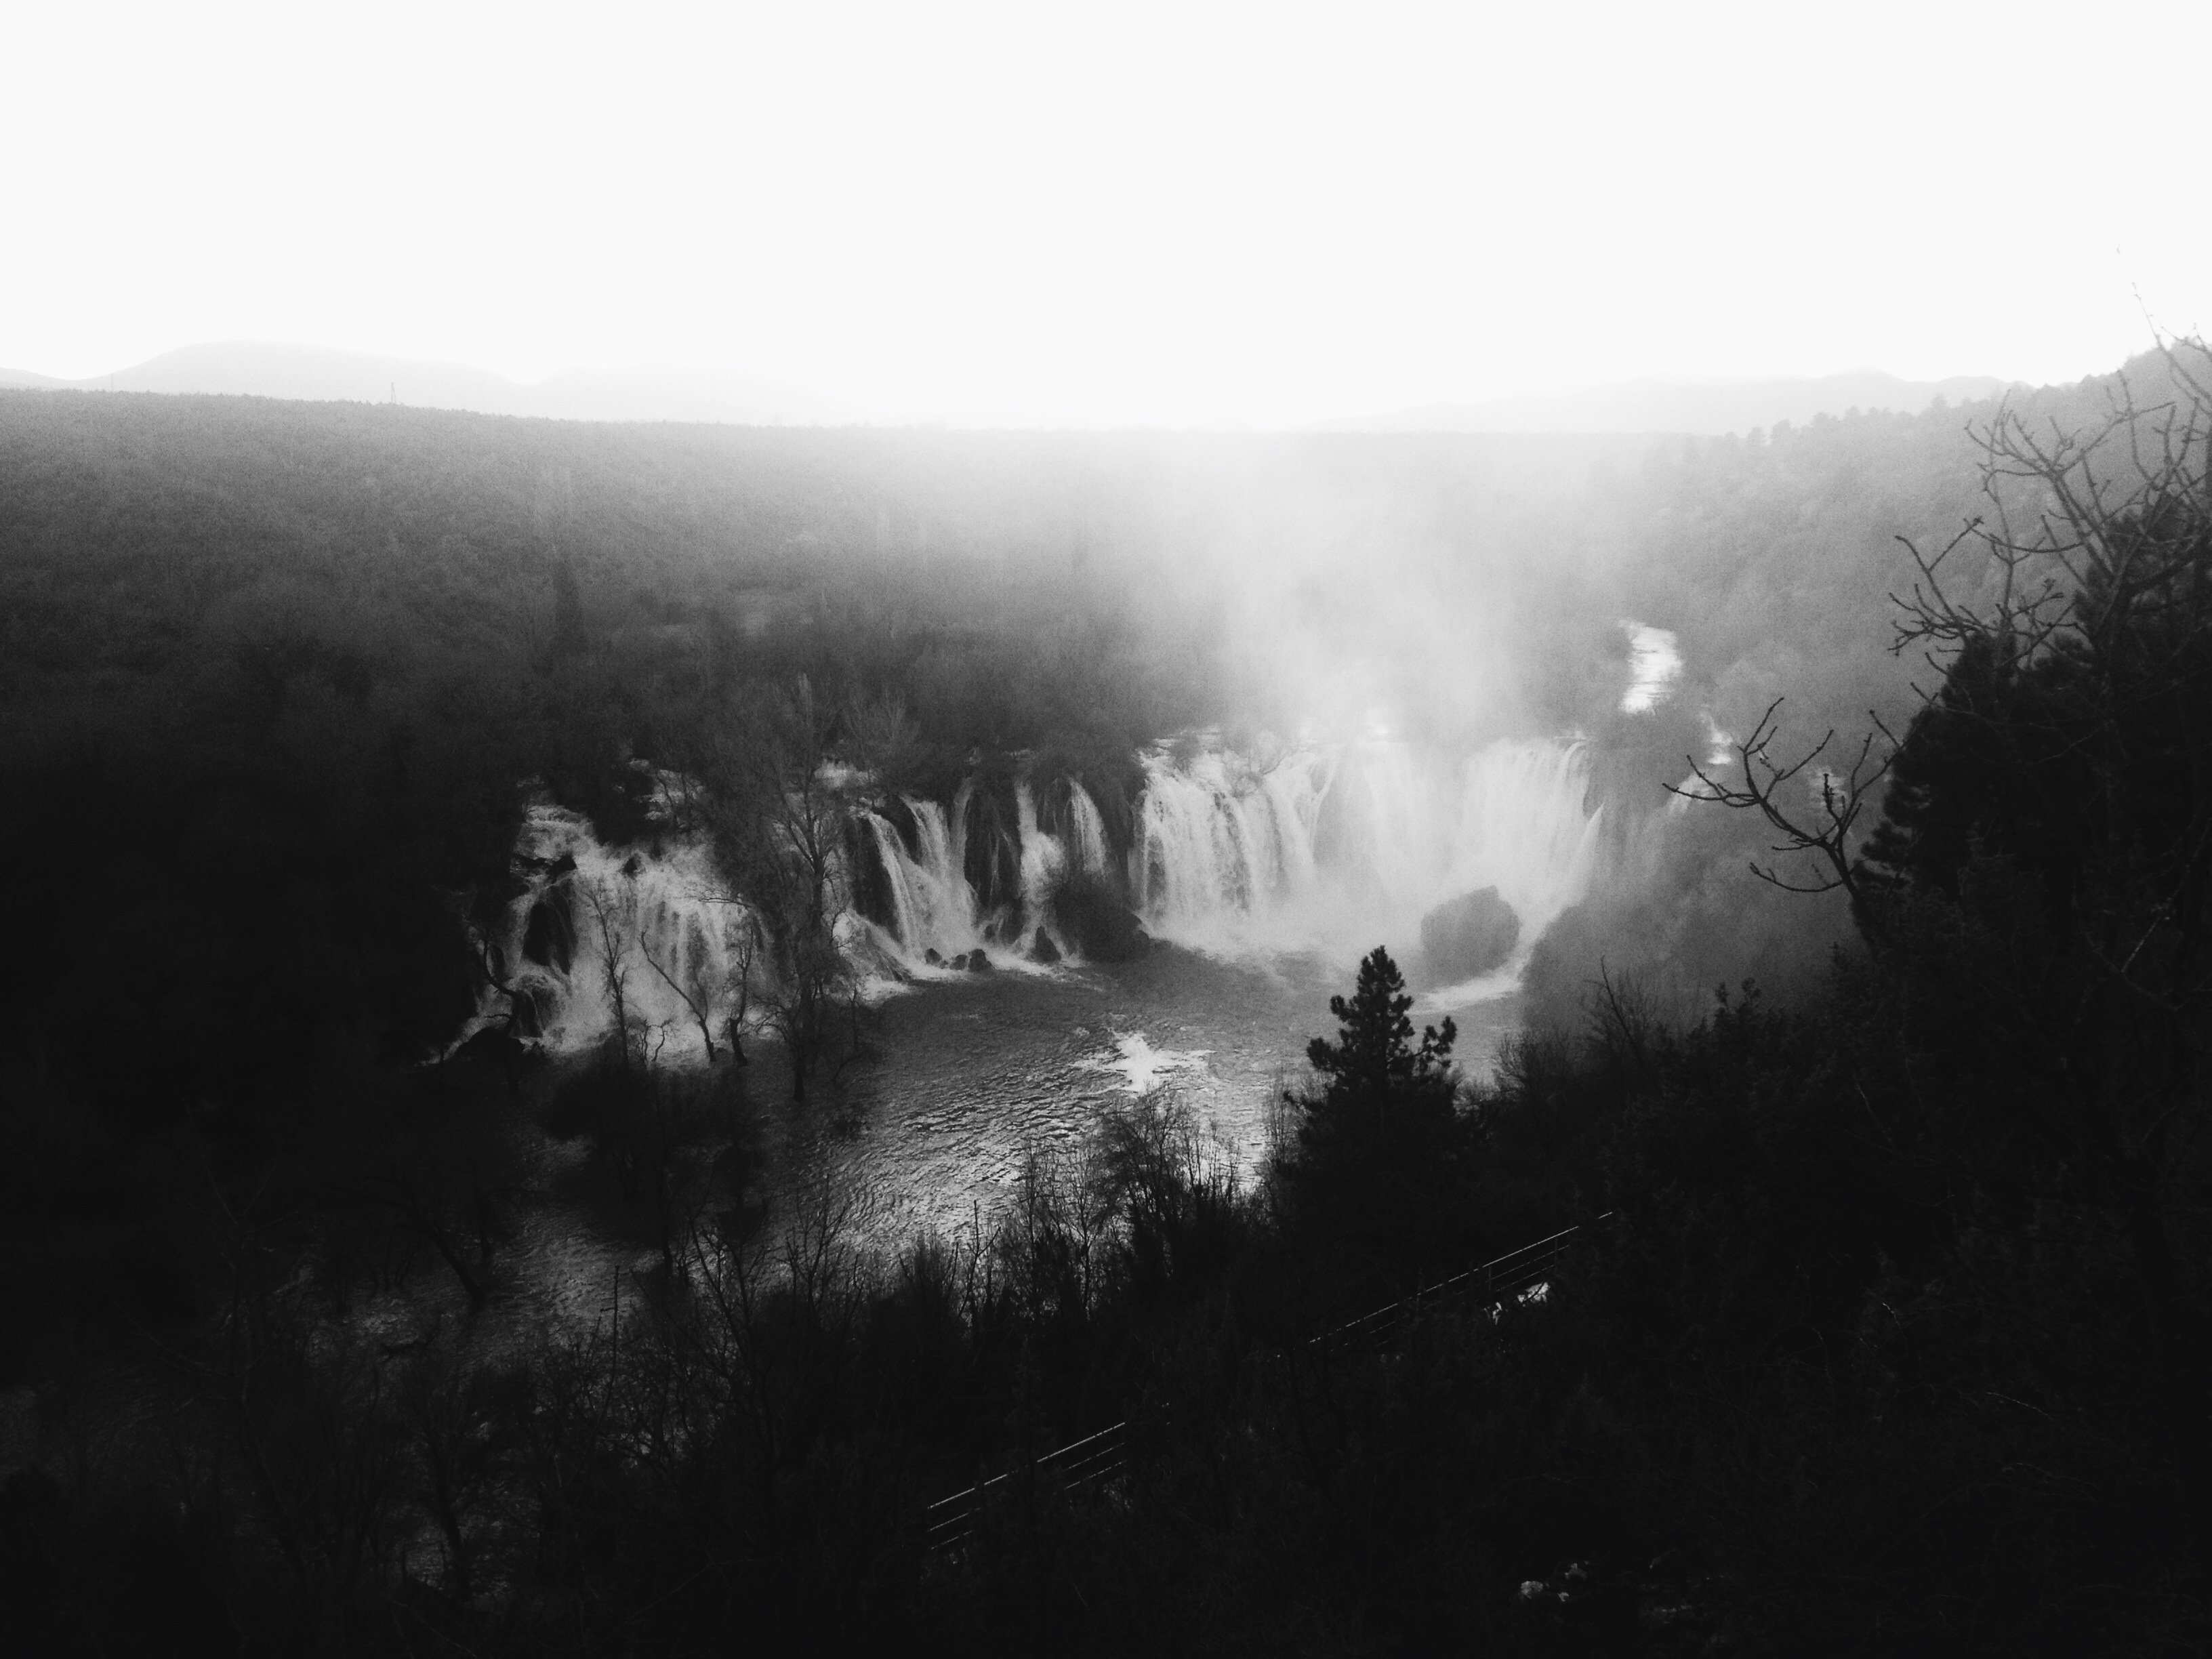 fotografo bilbao forester12 Winter trip